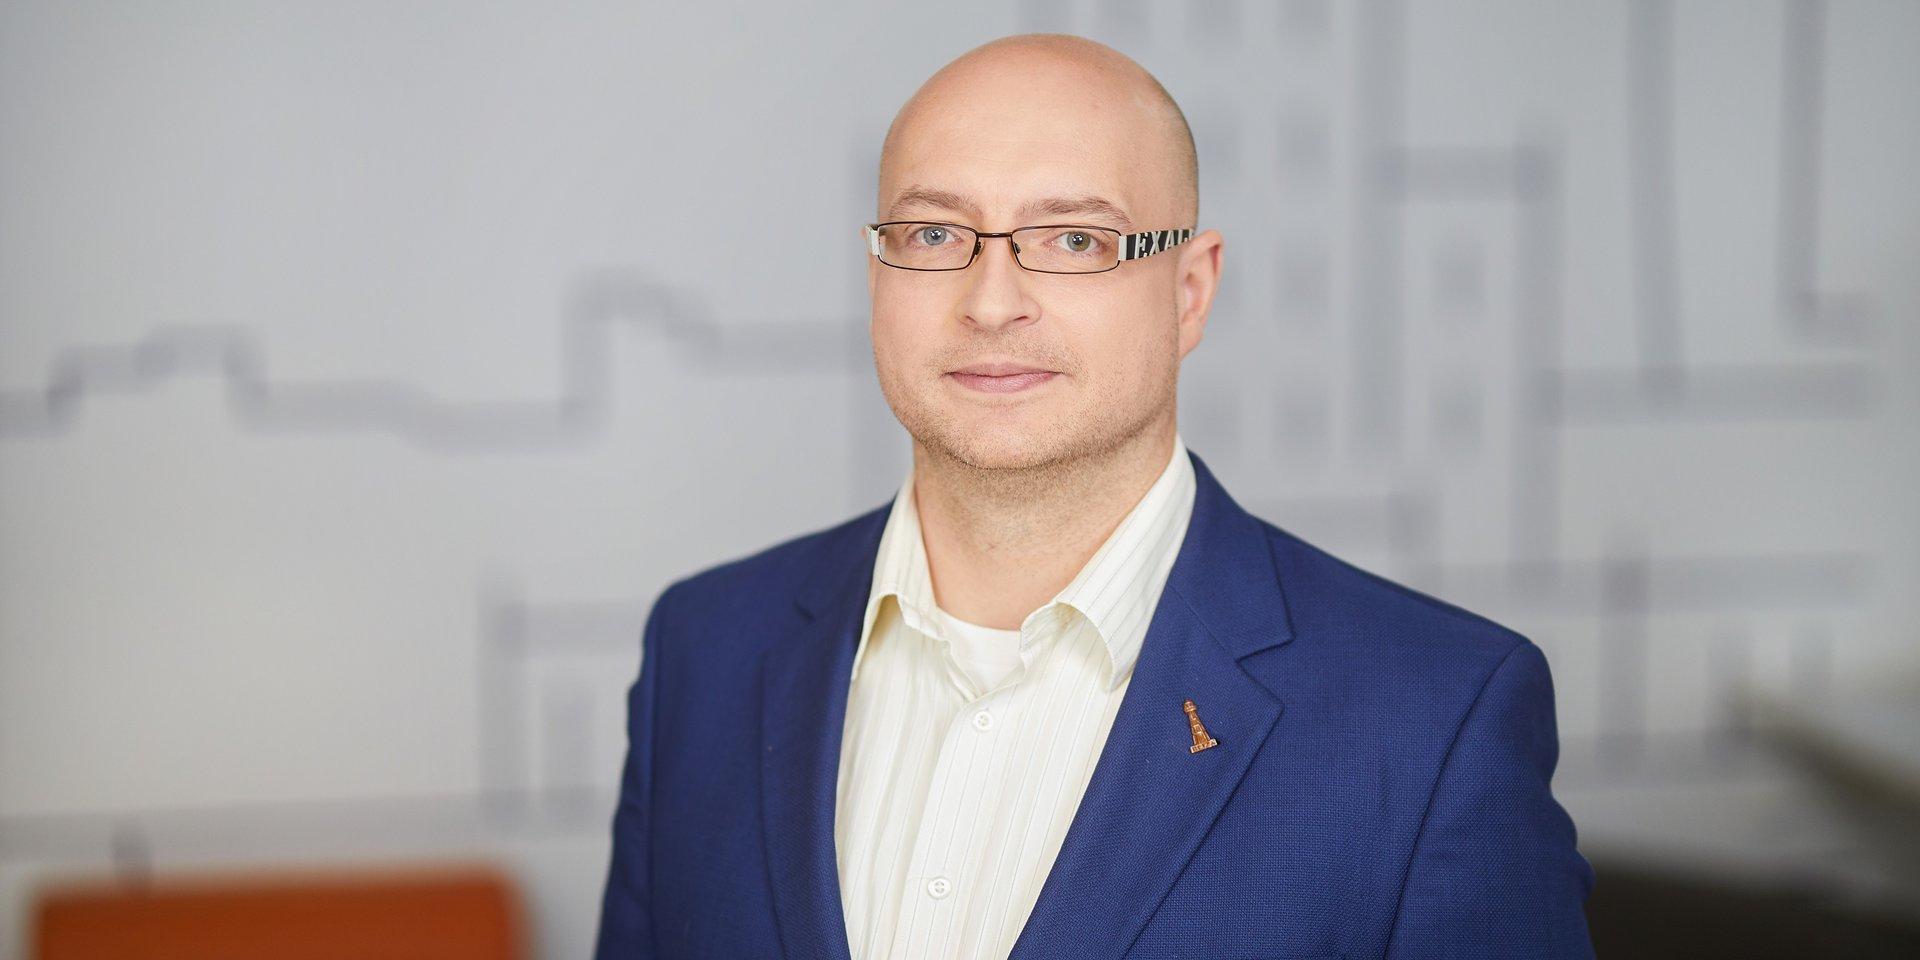 bezpieczeństwo: dr inż. Igor Protasowicki